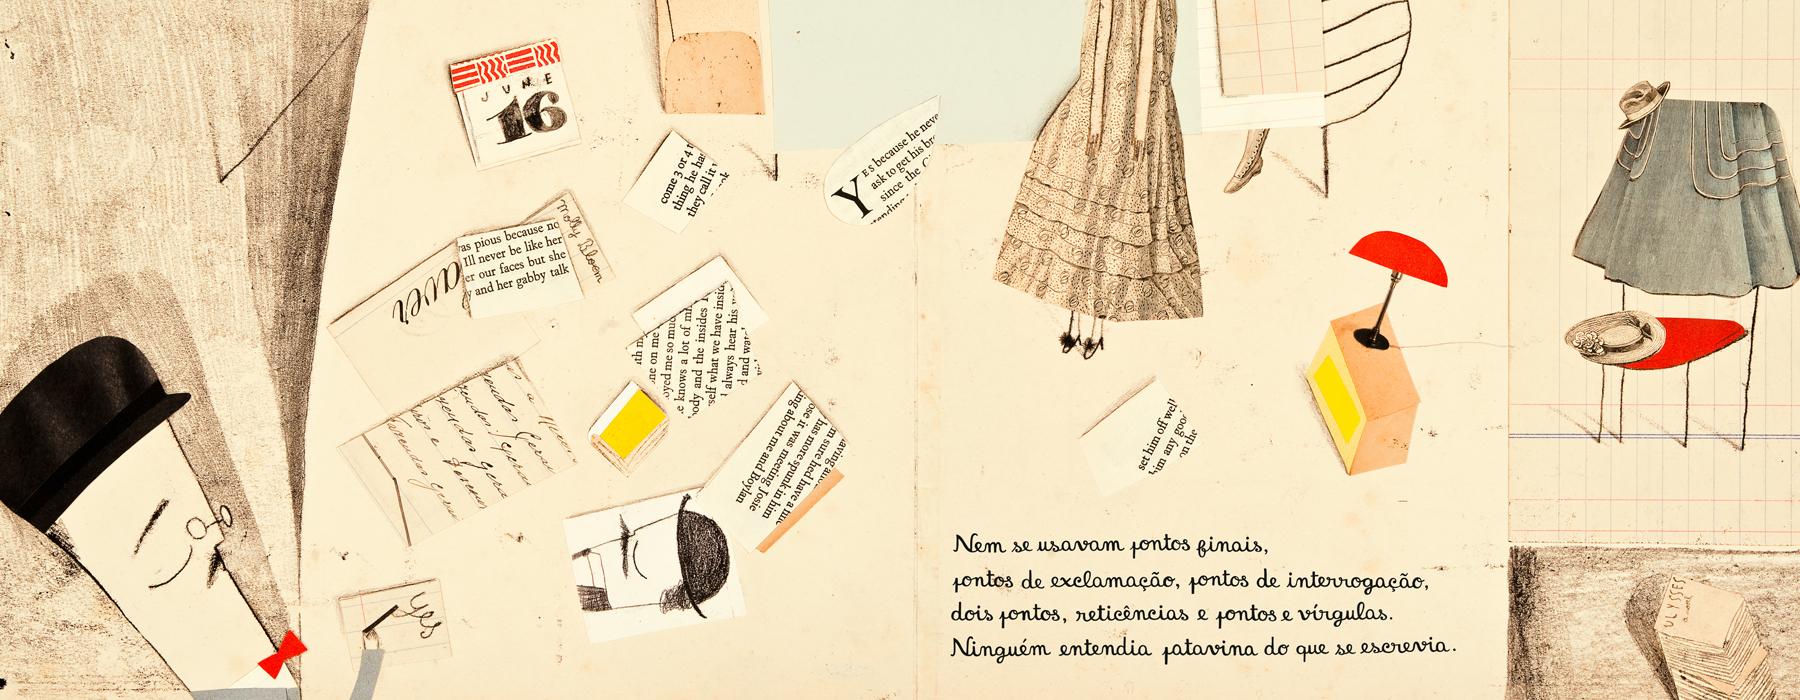 """ilustração de Catarina Sobral (""""Greve"""", 2011)"""